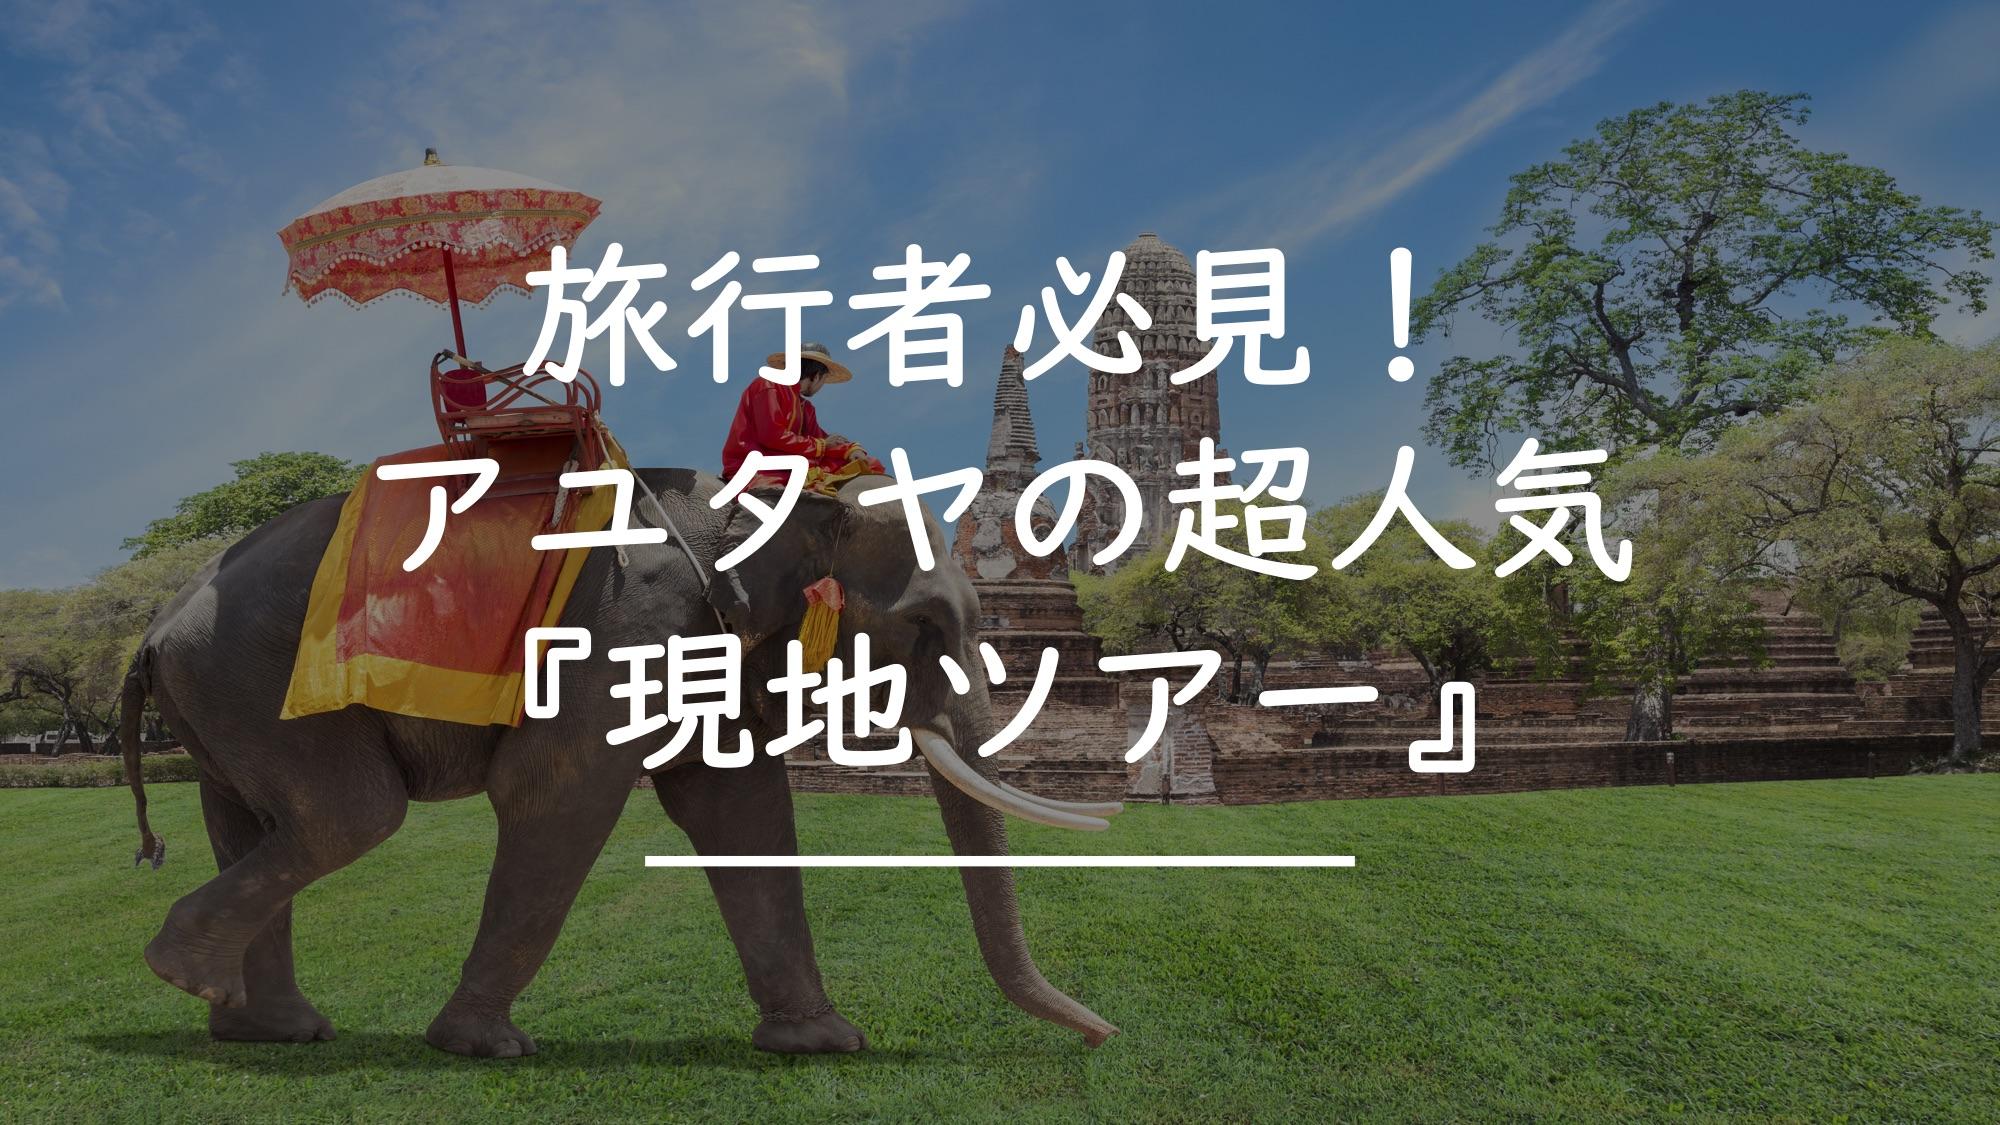 アユタヤのおすすめ現地ツアー【11選】を紹介します